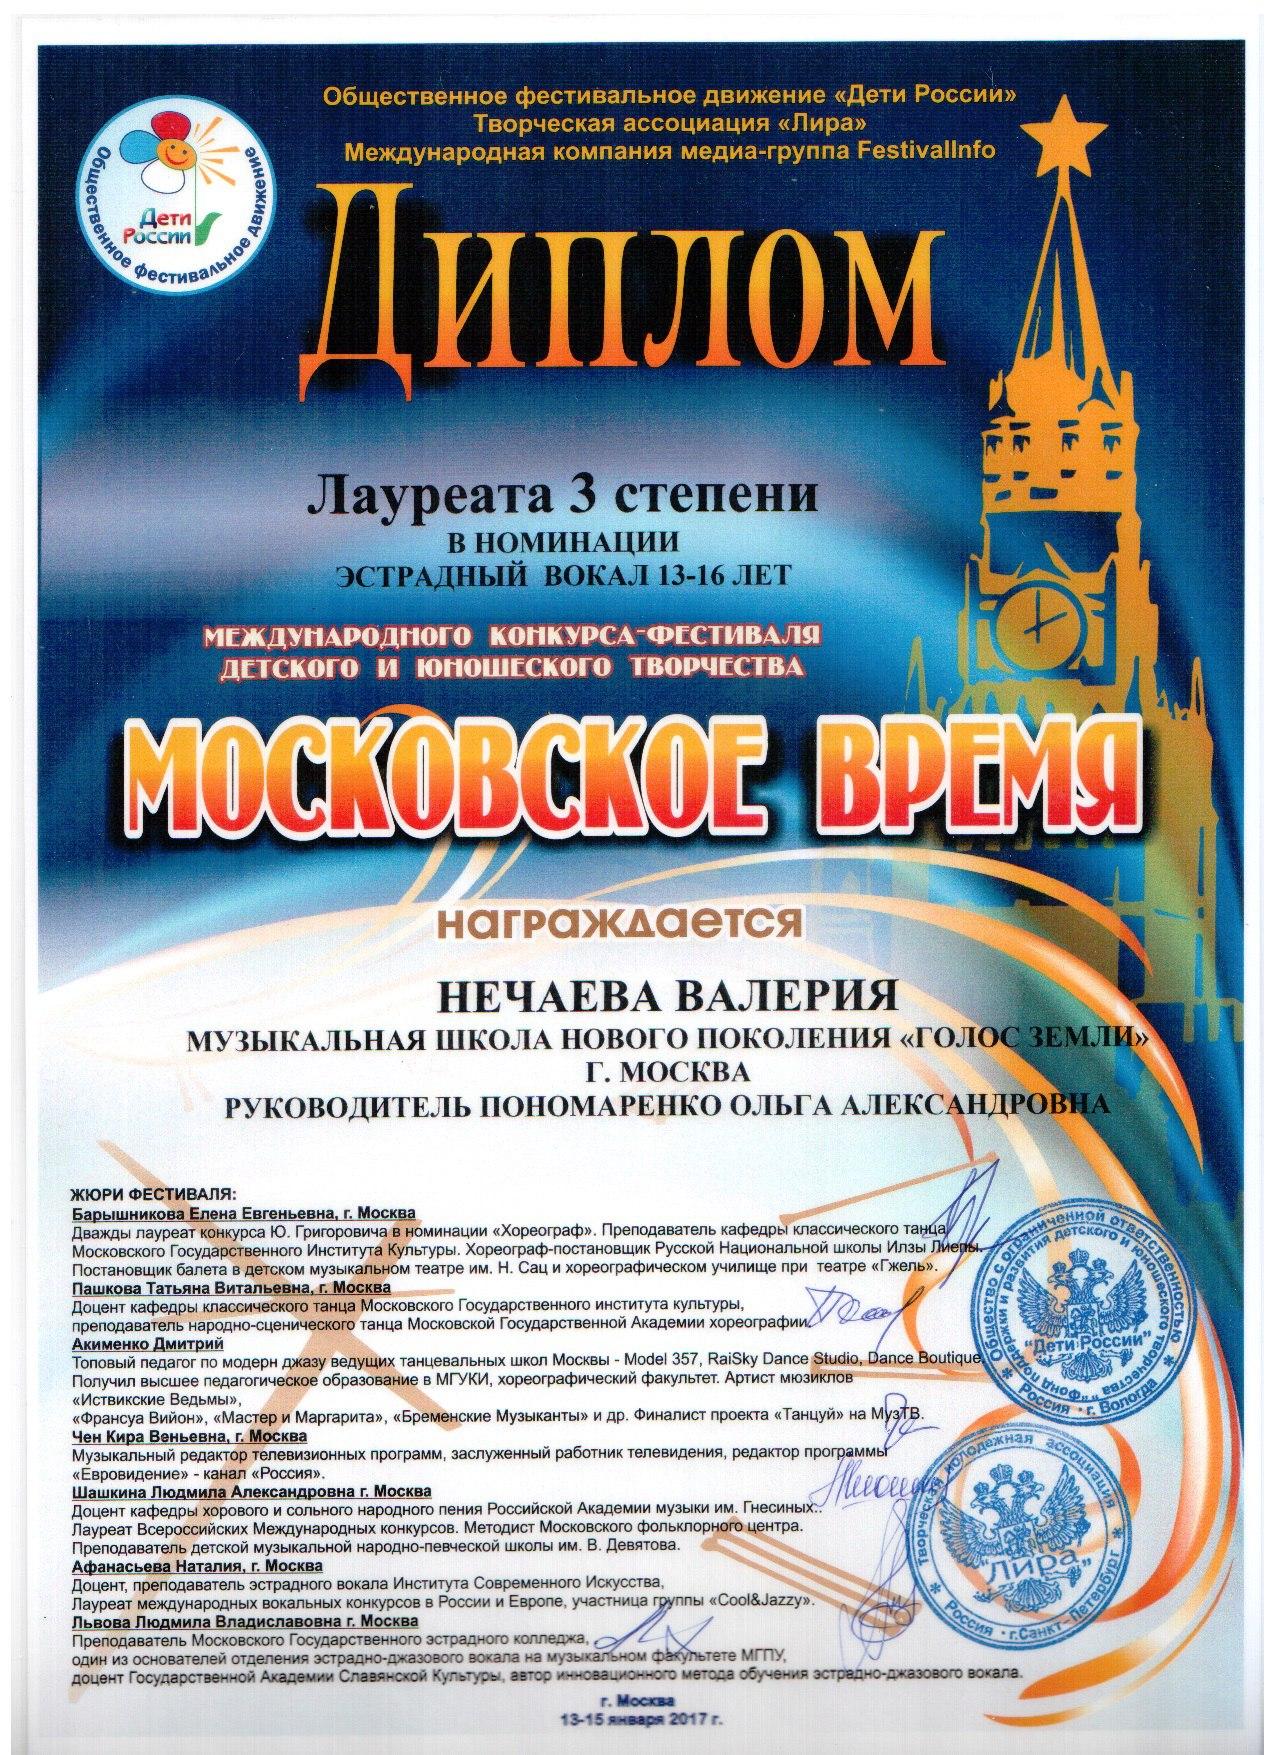 Нечаева Валерия (Пономаренко О-пед) Московское время